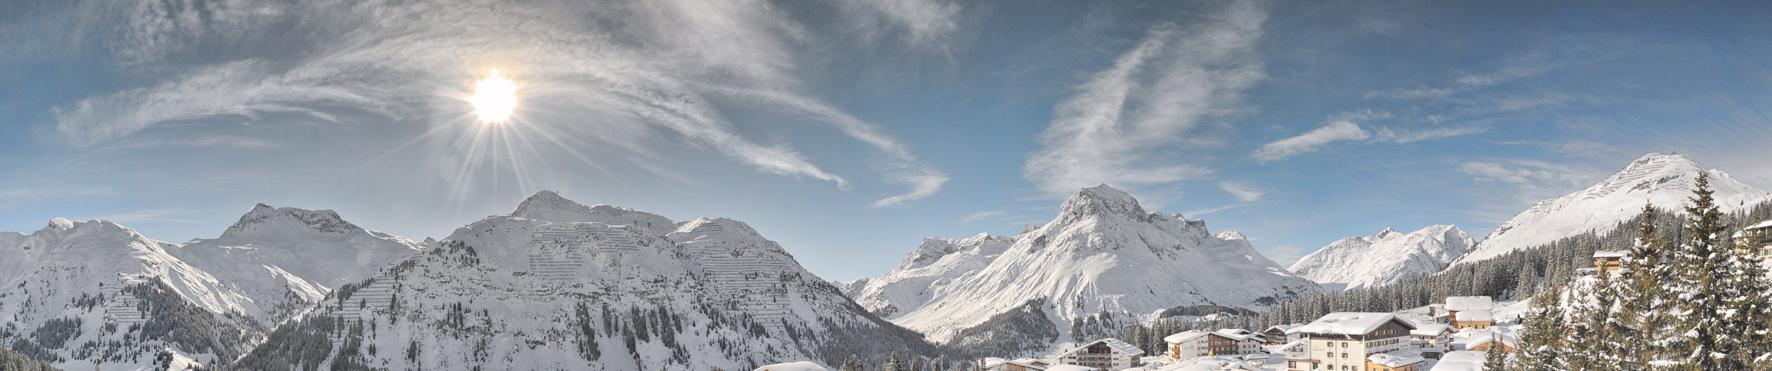 09_Oberlech Panorama-2